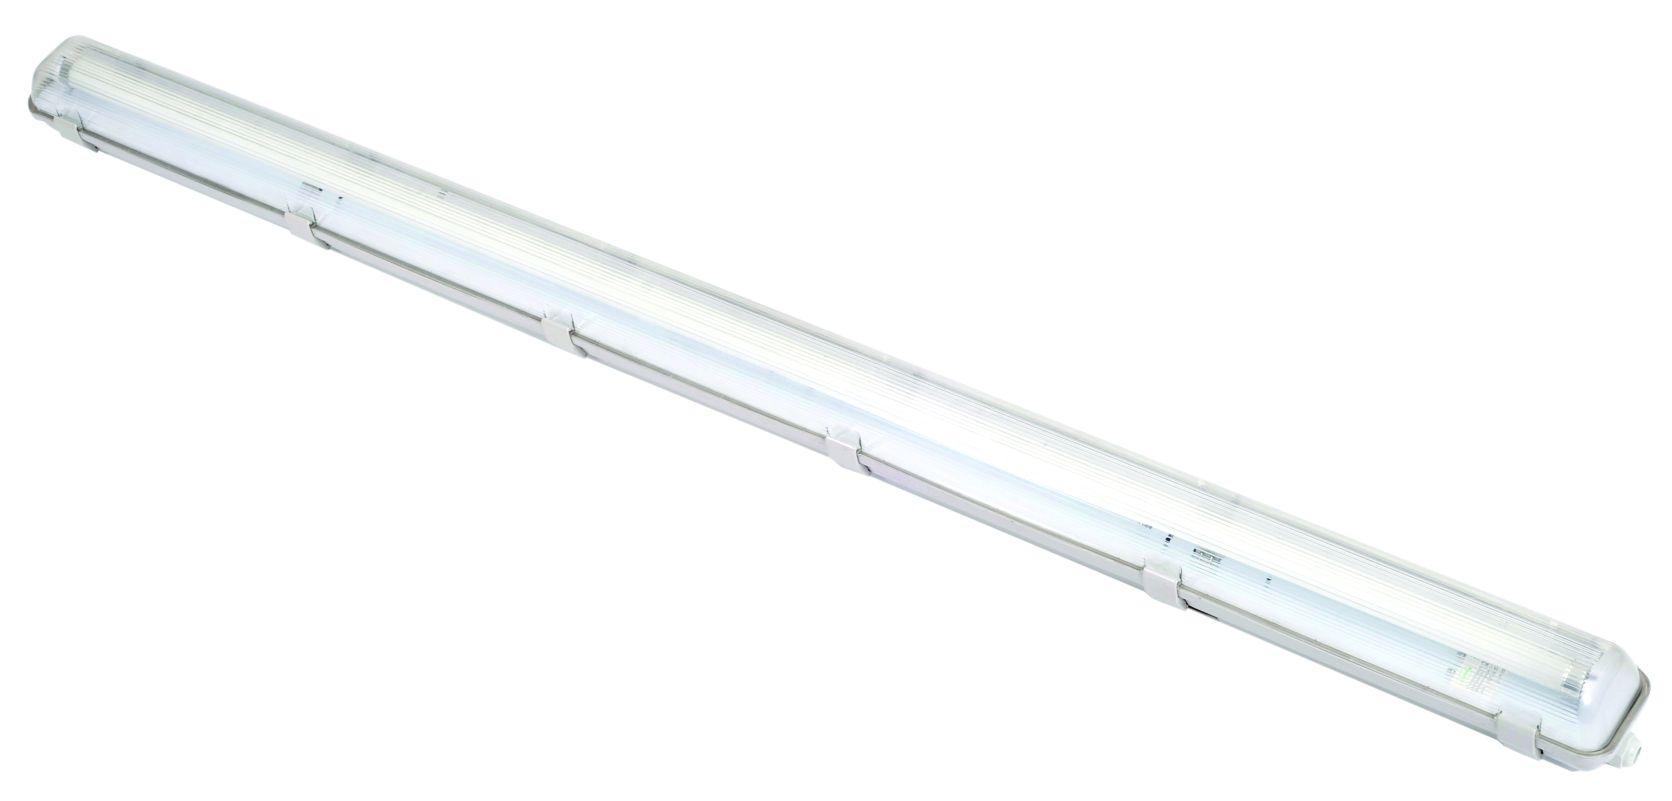 Feuchtraum-Wannenleuchte IP65 für LED-Röhren – mit 3h-Notlicht